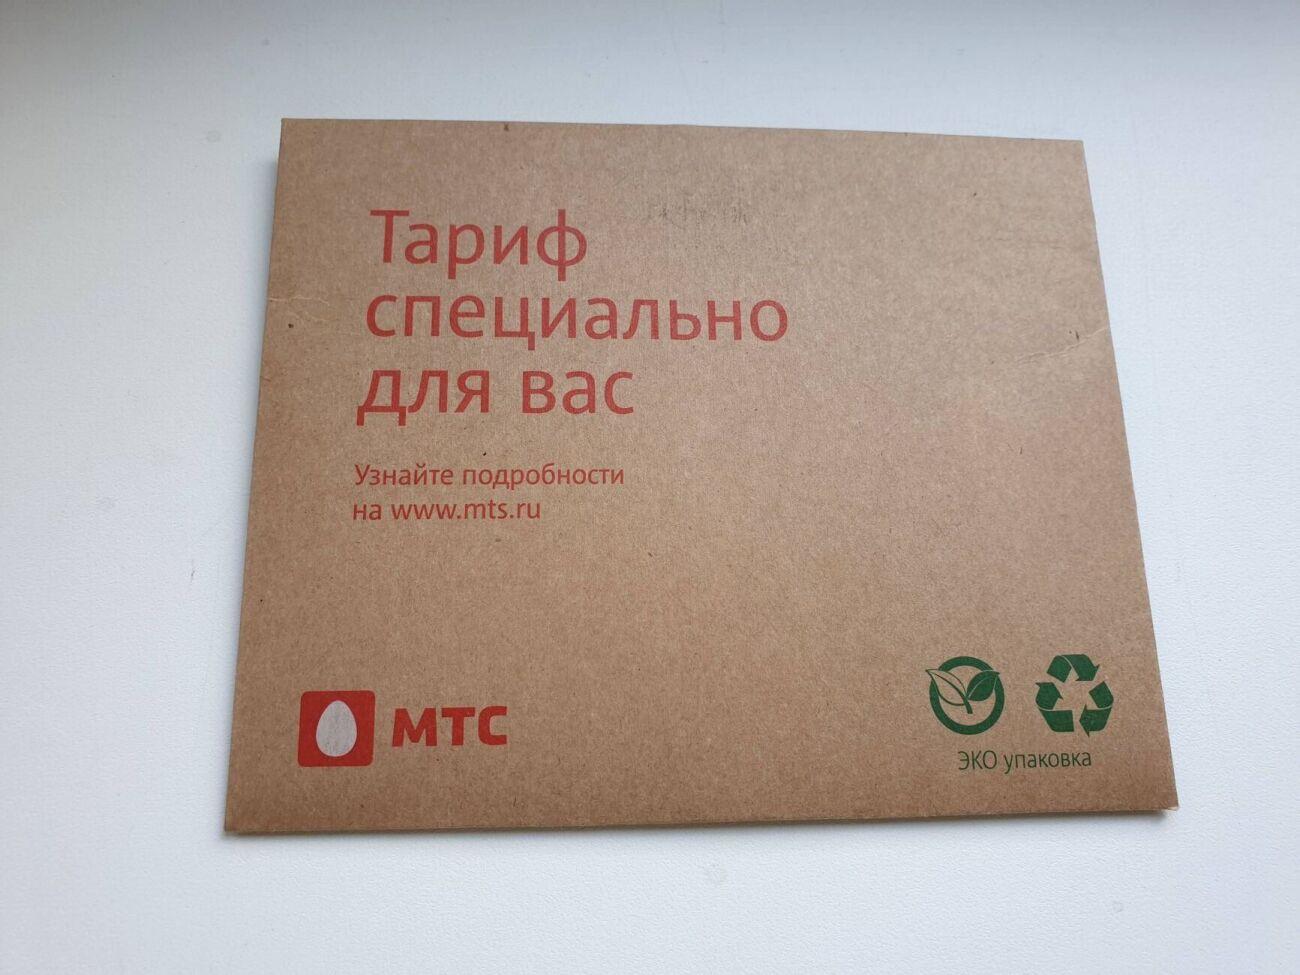 Мтс РФ новые, цельная золотинка, Киев